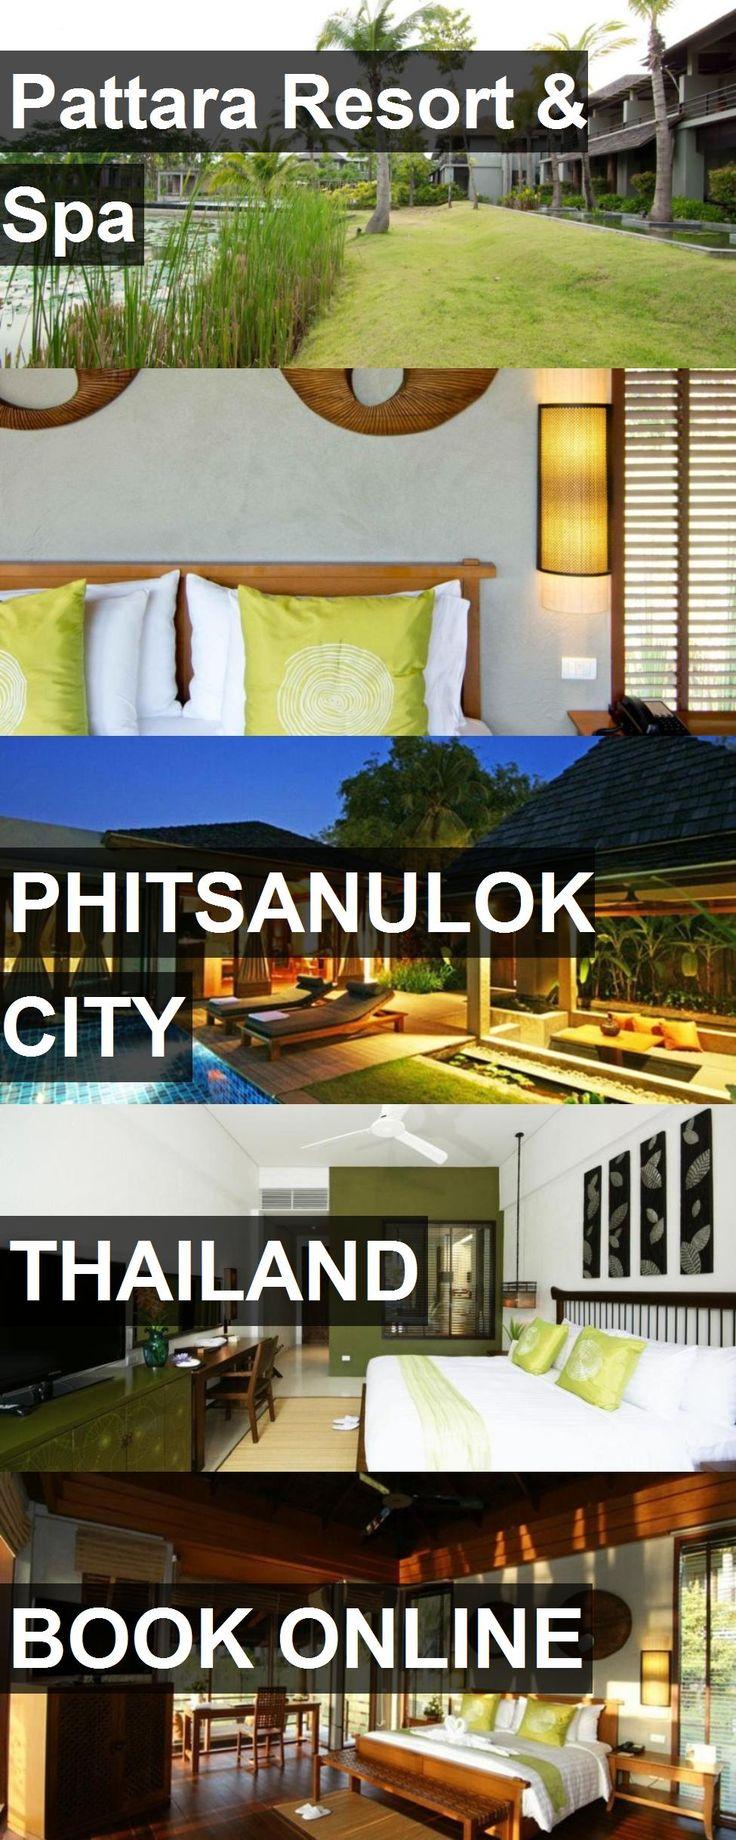 Hotel Pattara Resort